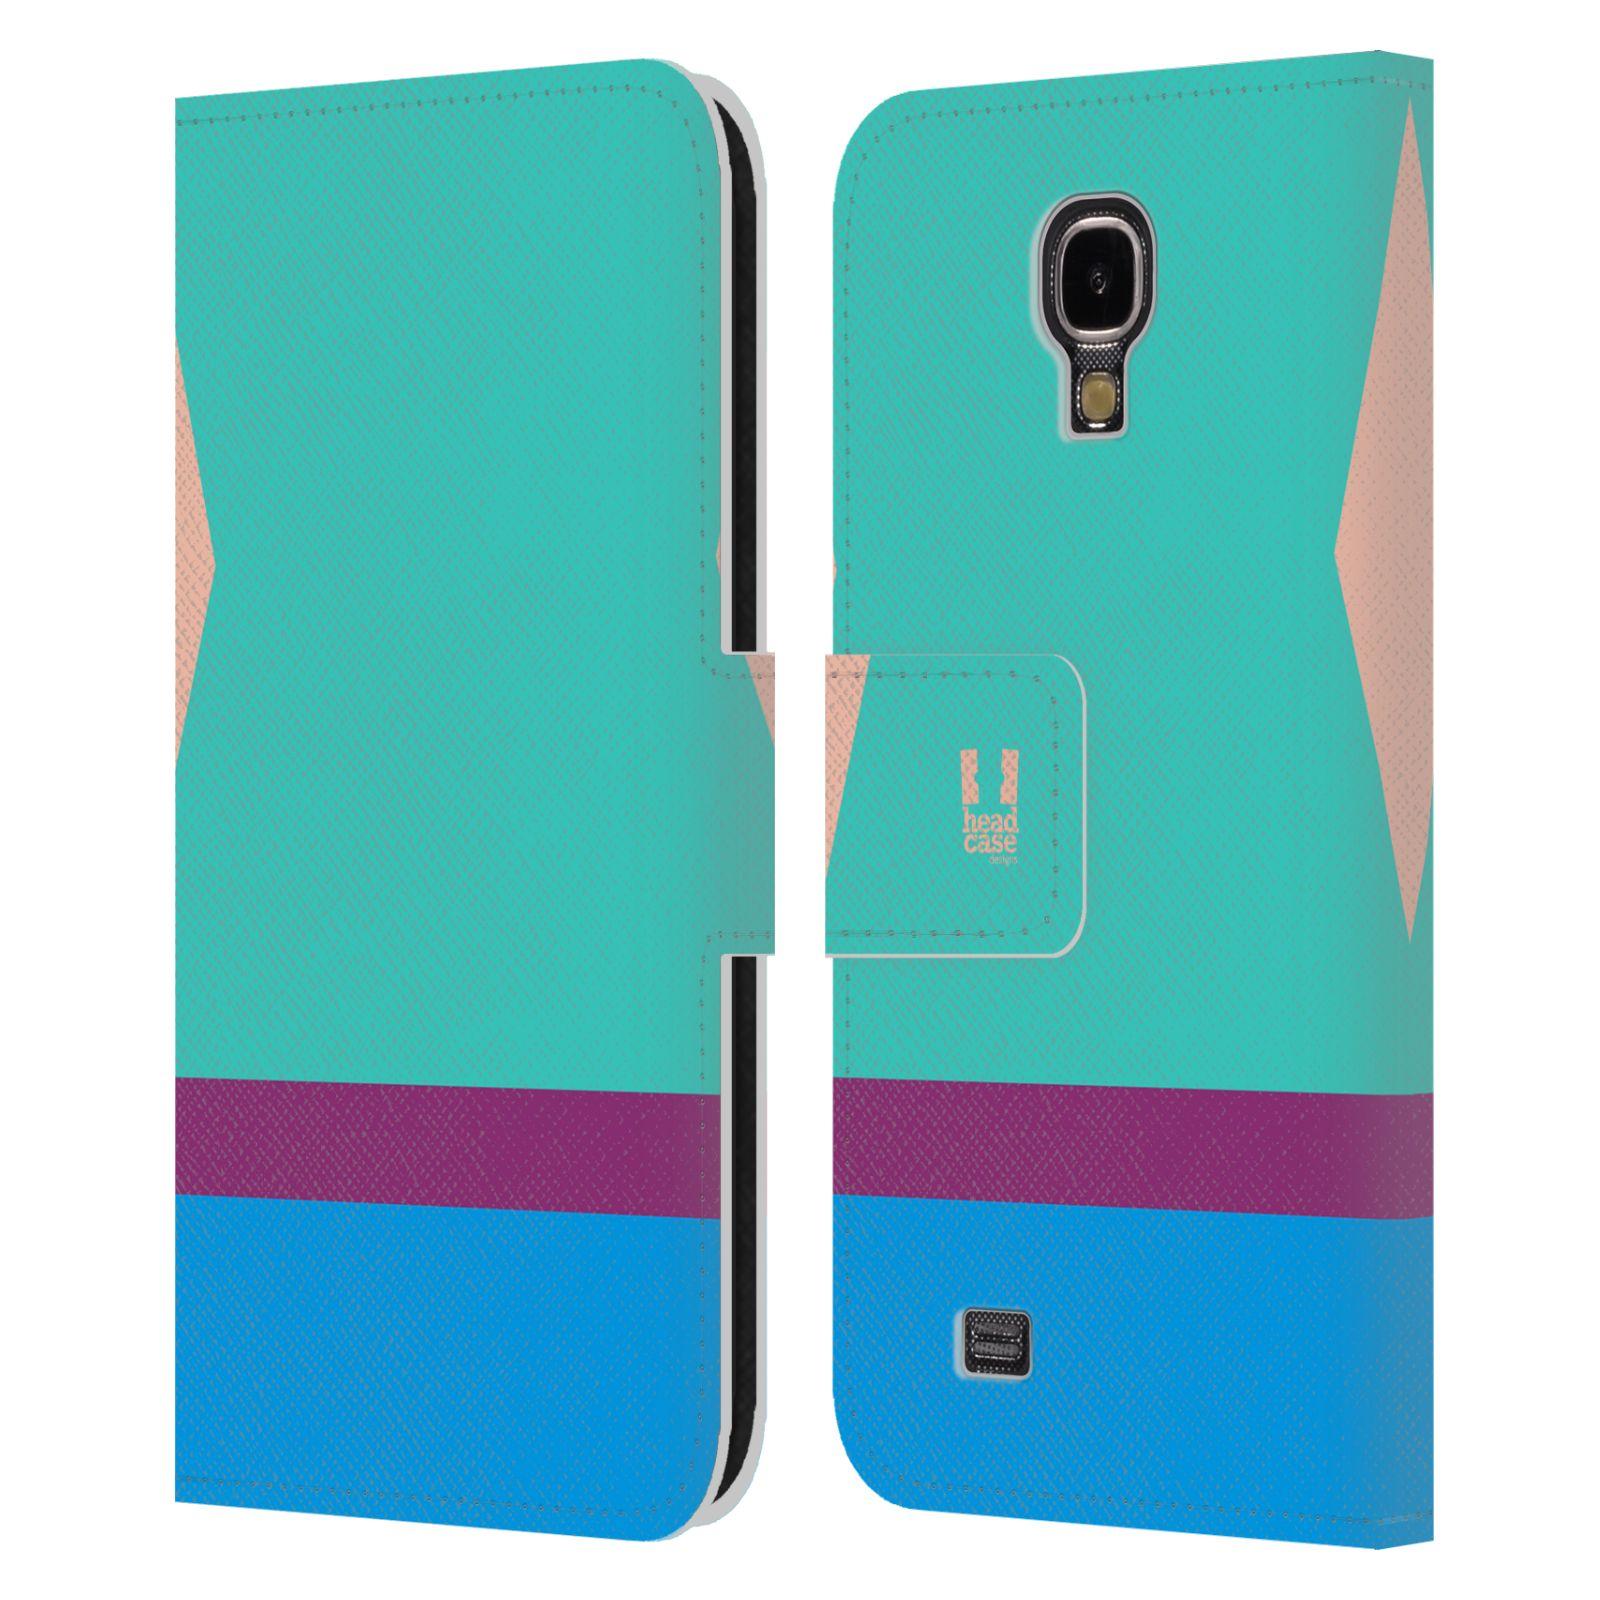 HEAD CASE Flipové pouzdro pro mobil Samsung Galaxy S4 I9500 barevné tvary modrá a fialový pruh